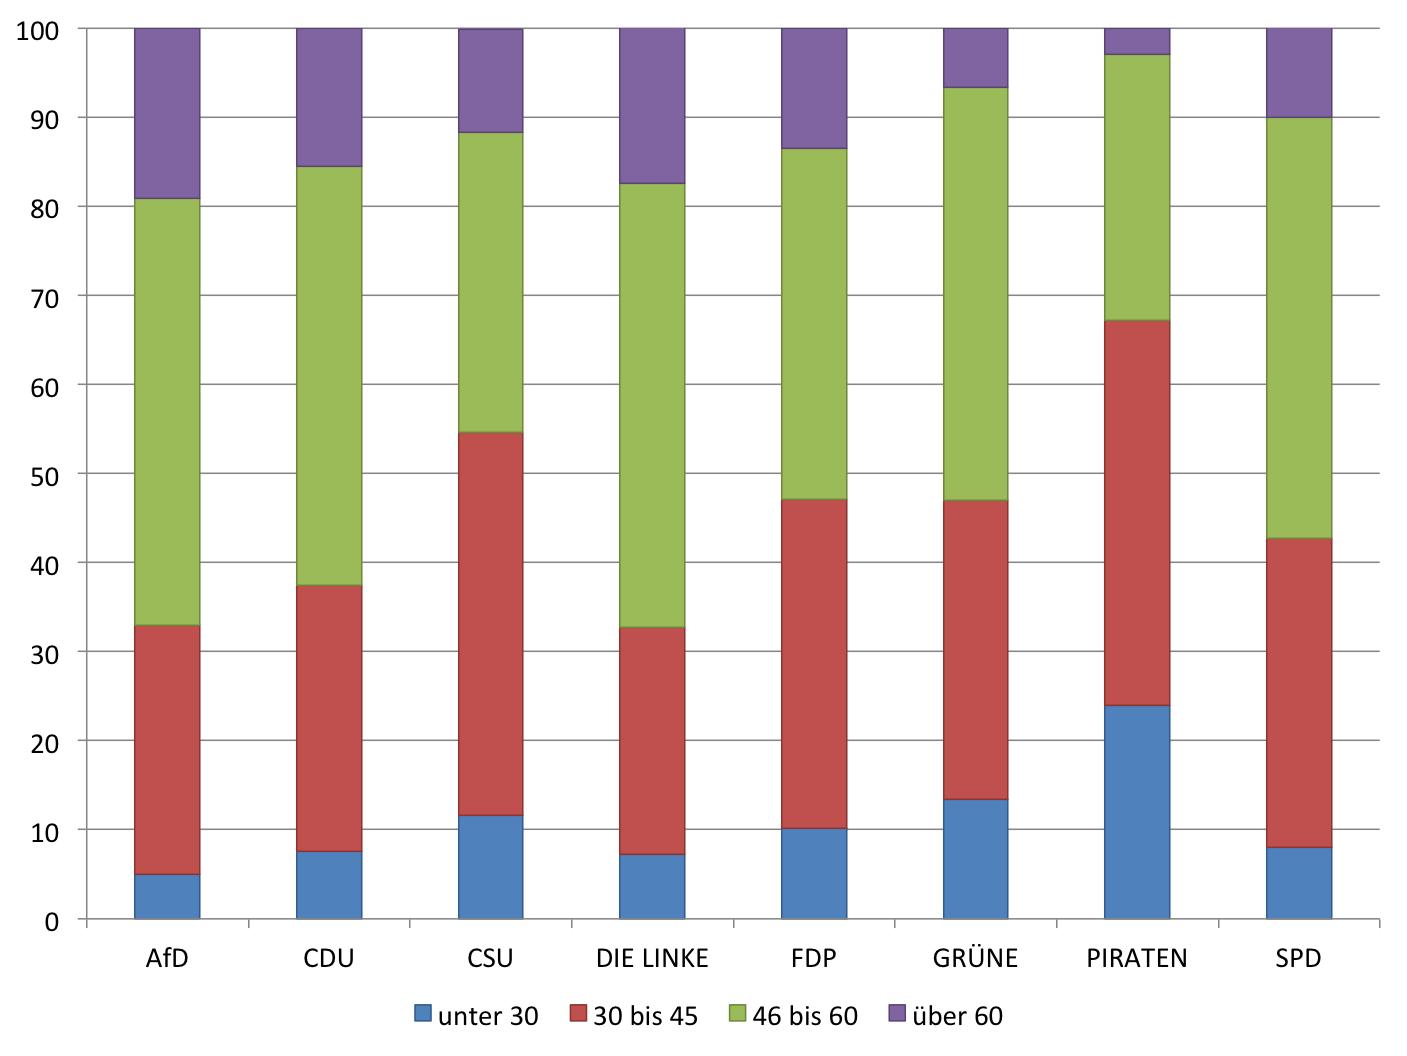 Altersstruktur der Kandidaten zur Bundestagswahl 2013 nach Parteien